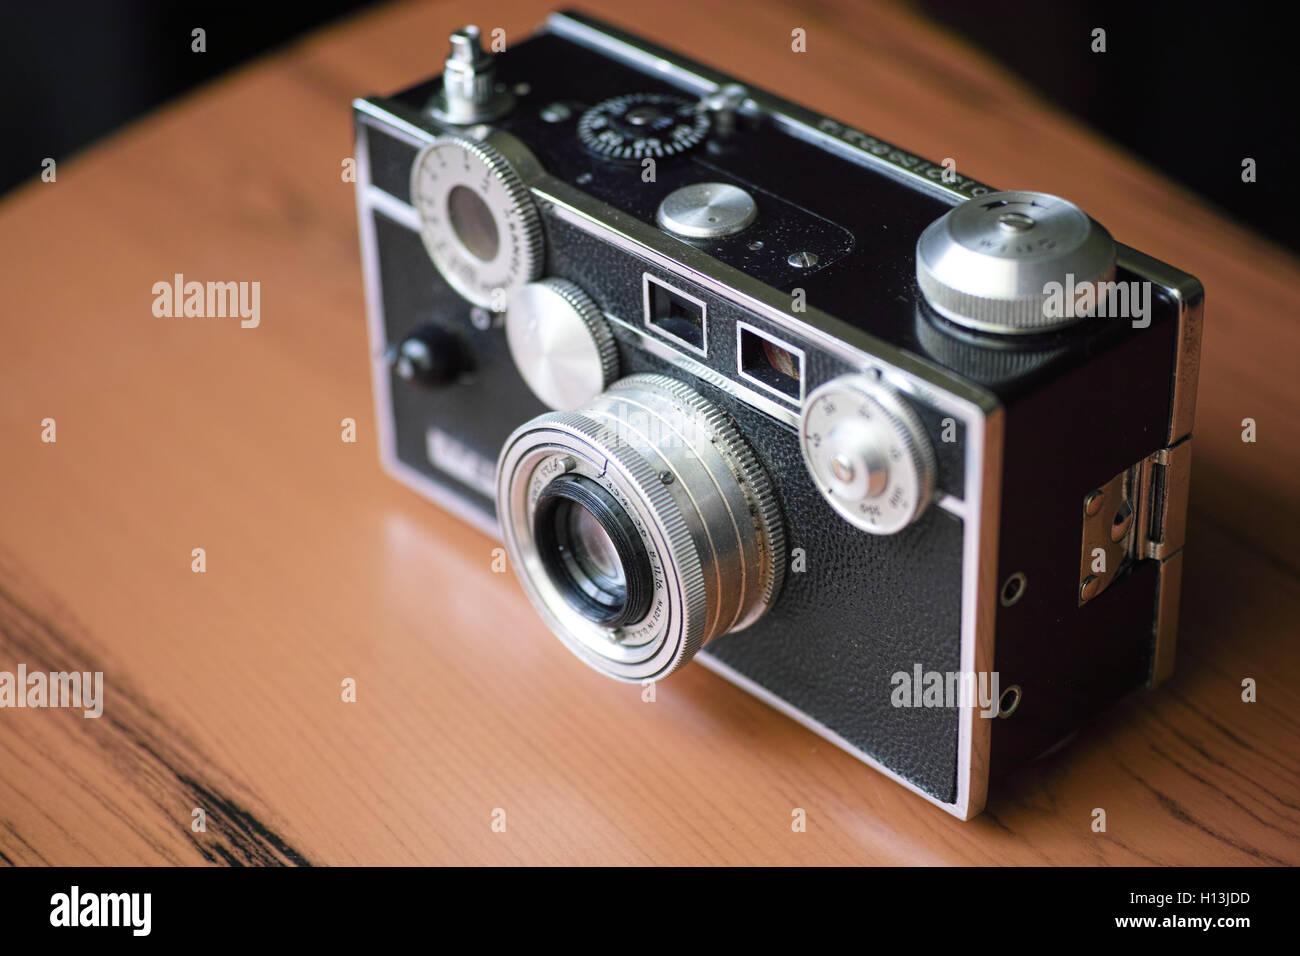 old rangefinder camera - Stock Image